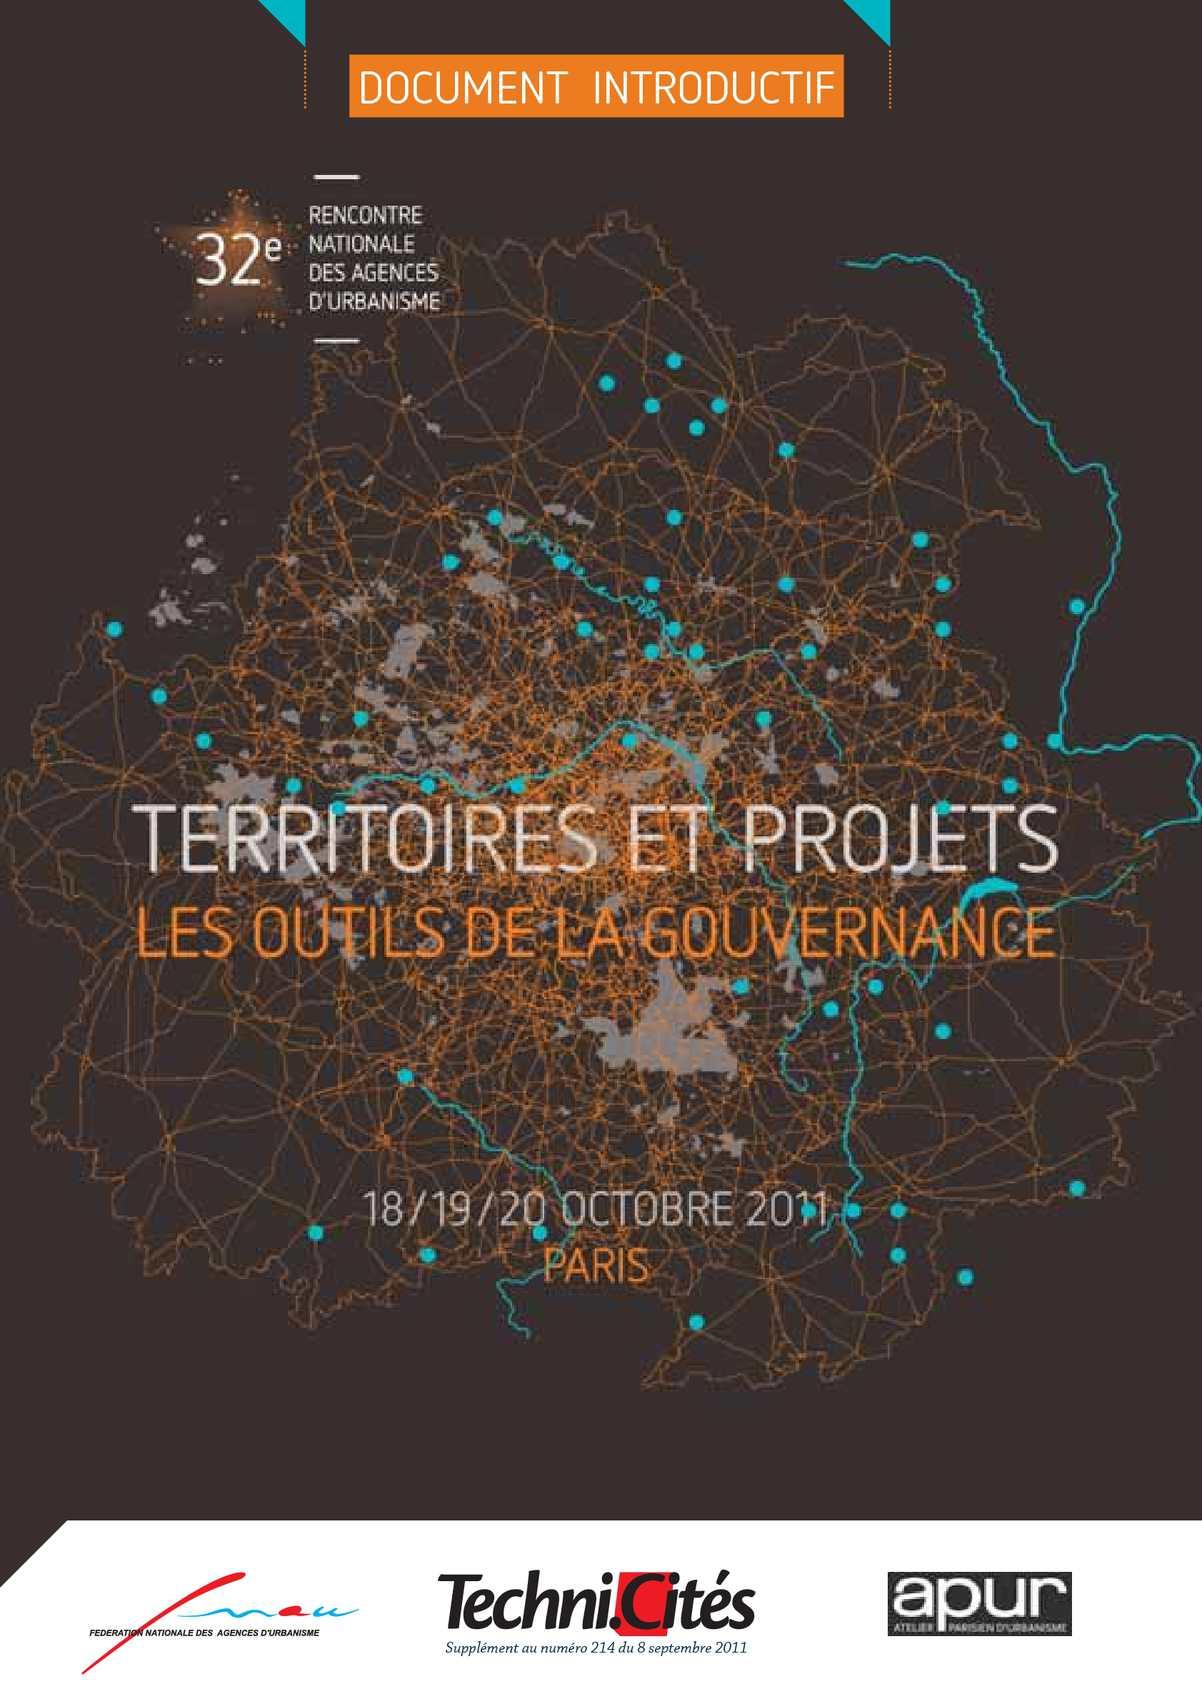 Territoires et projets : les outils de la gouvernance _ 32e rencontre nationale des agences d'urbanisme